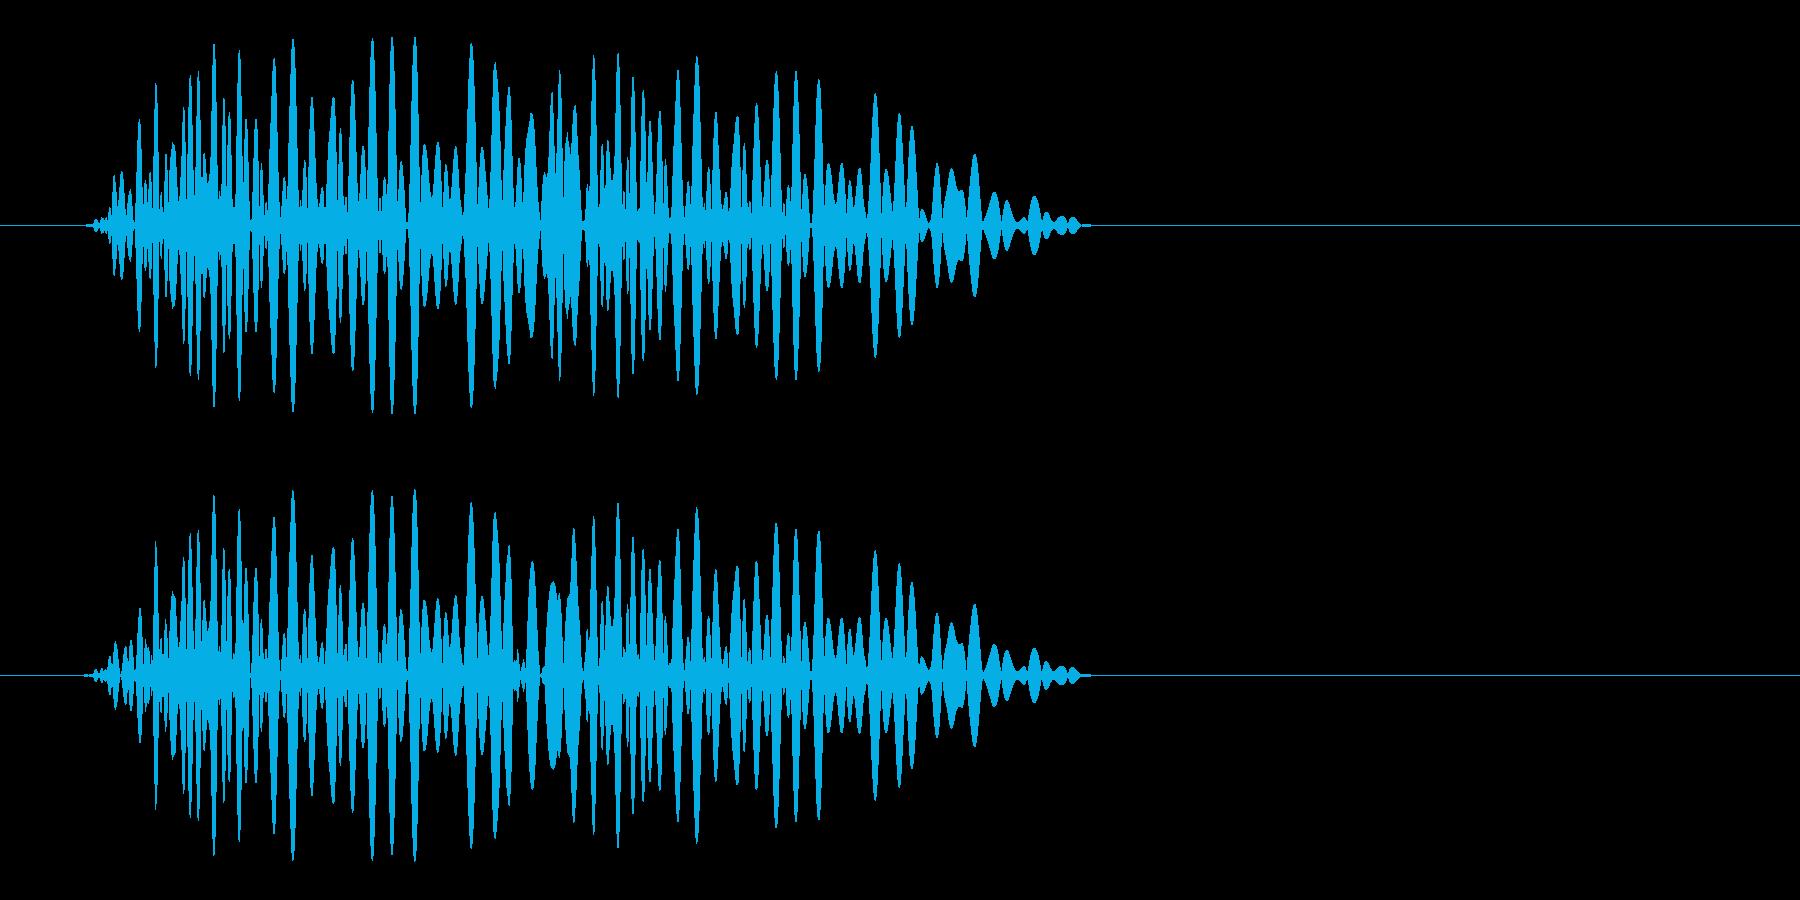 ポヨン(短く振動する音)の再生済みの波形